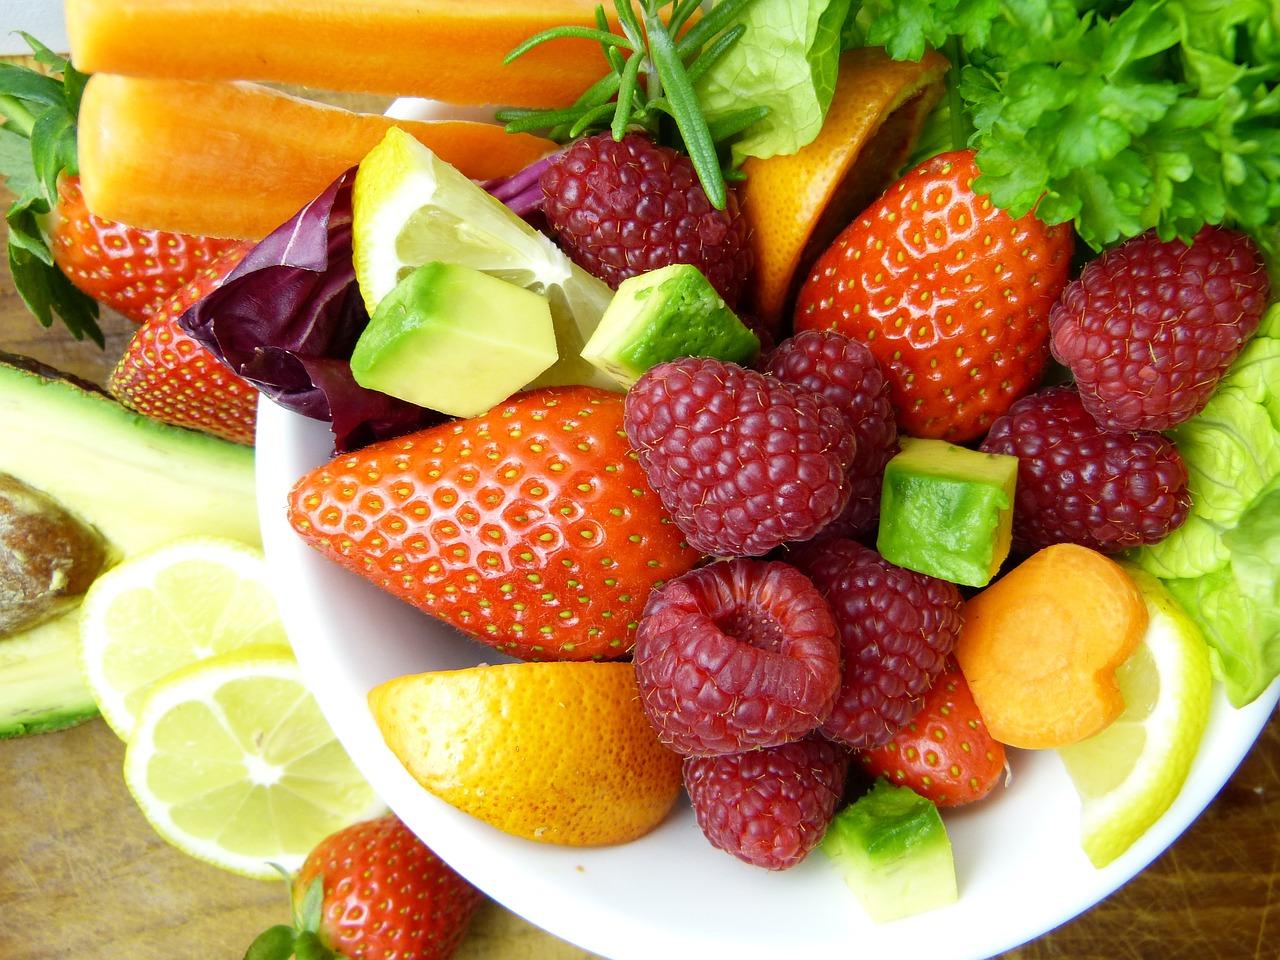 Sklep ekologiczny nie tylko ze zdrową żywnością